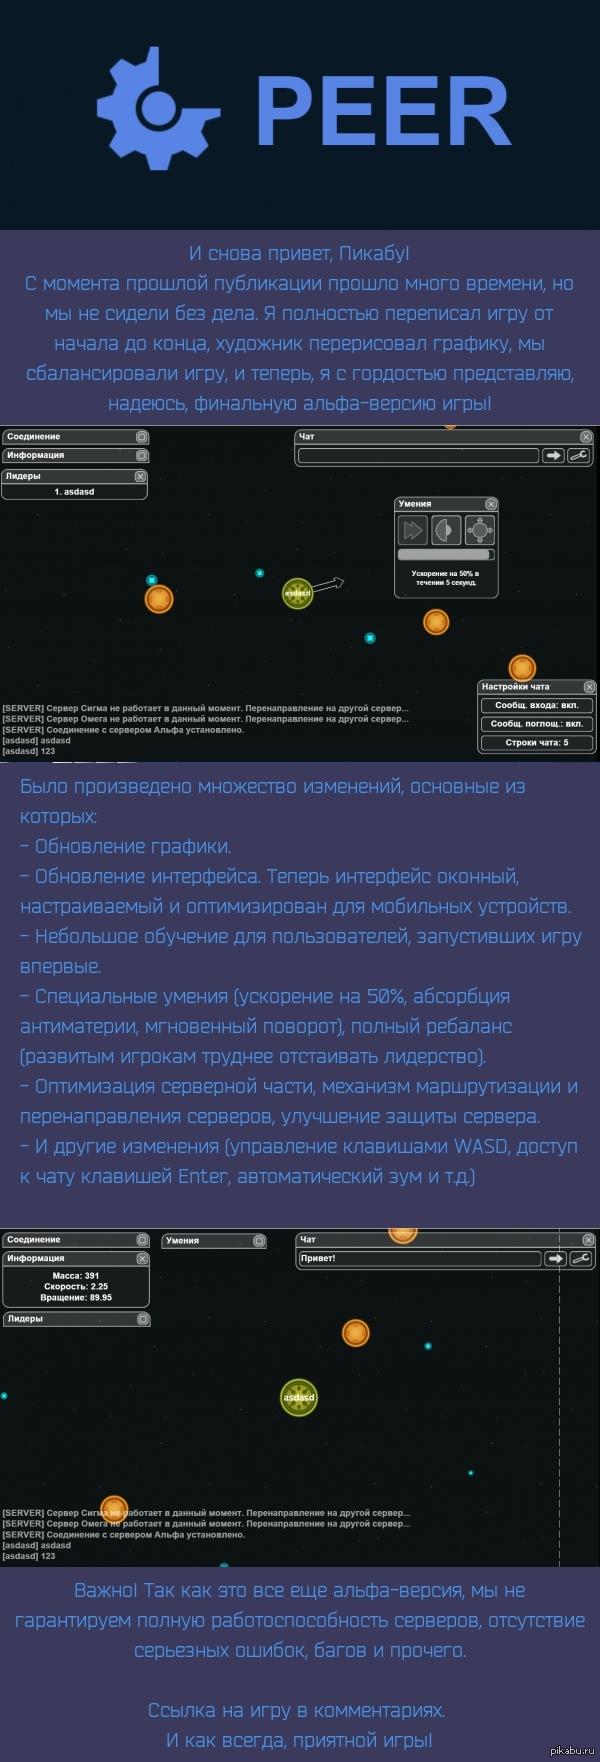 Финальная альфа-версия игры PEER, приглашаем принять участие в тесте! (клон agar.io для пикабушников) Ссылка на игру: https://drive.google.com/st/auth/host/0Bxp94I_dClYvfjNjdVpnZmZJMWdsZlltc2xYaS1COXVucmI0YXd4b1Y1dDlUeEtvNFJ6SWc/index.html